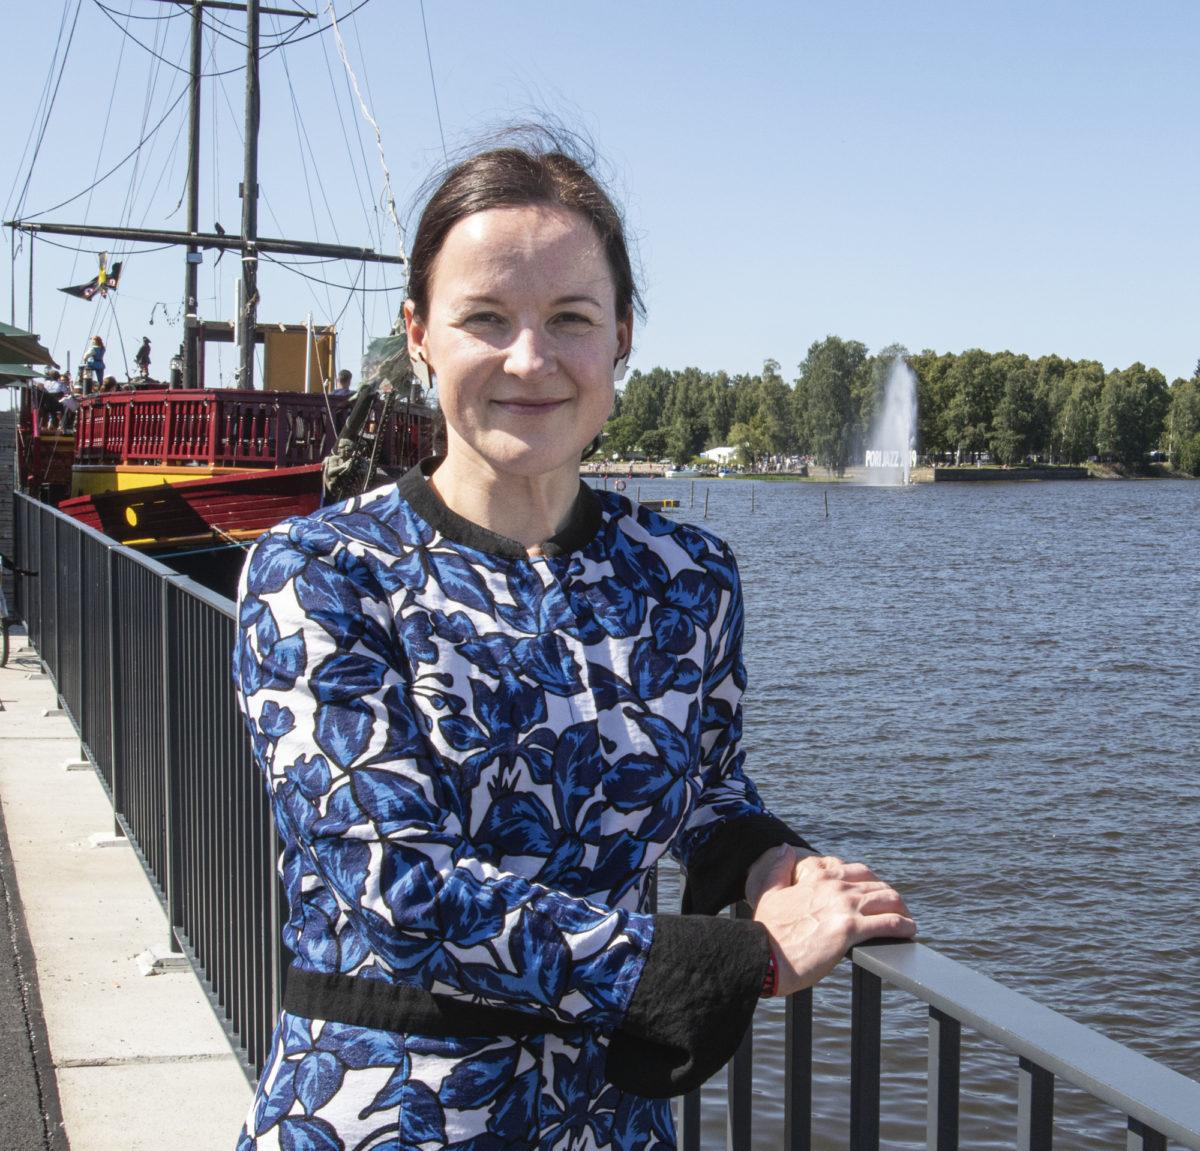 Juhlavuoden projektin johtaminen antoi  Grete Ahtolalle hyvät evää tulevaisuuteen.  Viime kesää on kiva muistella.